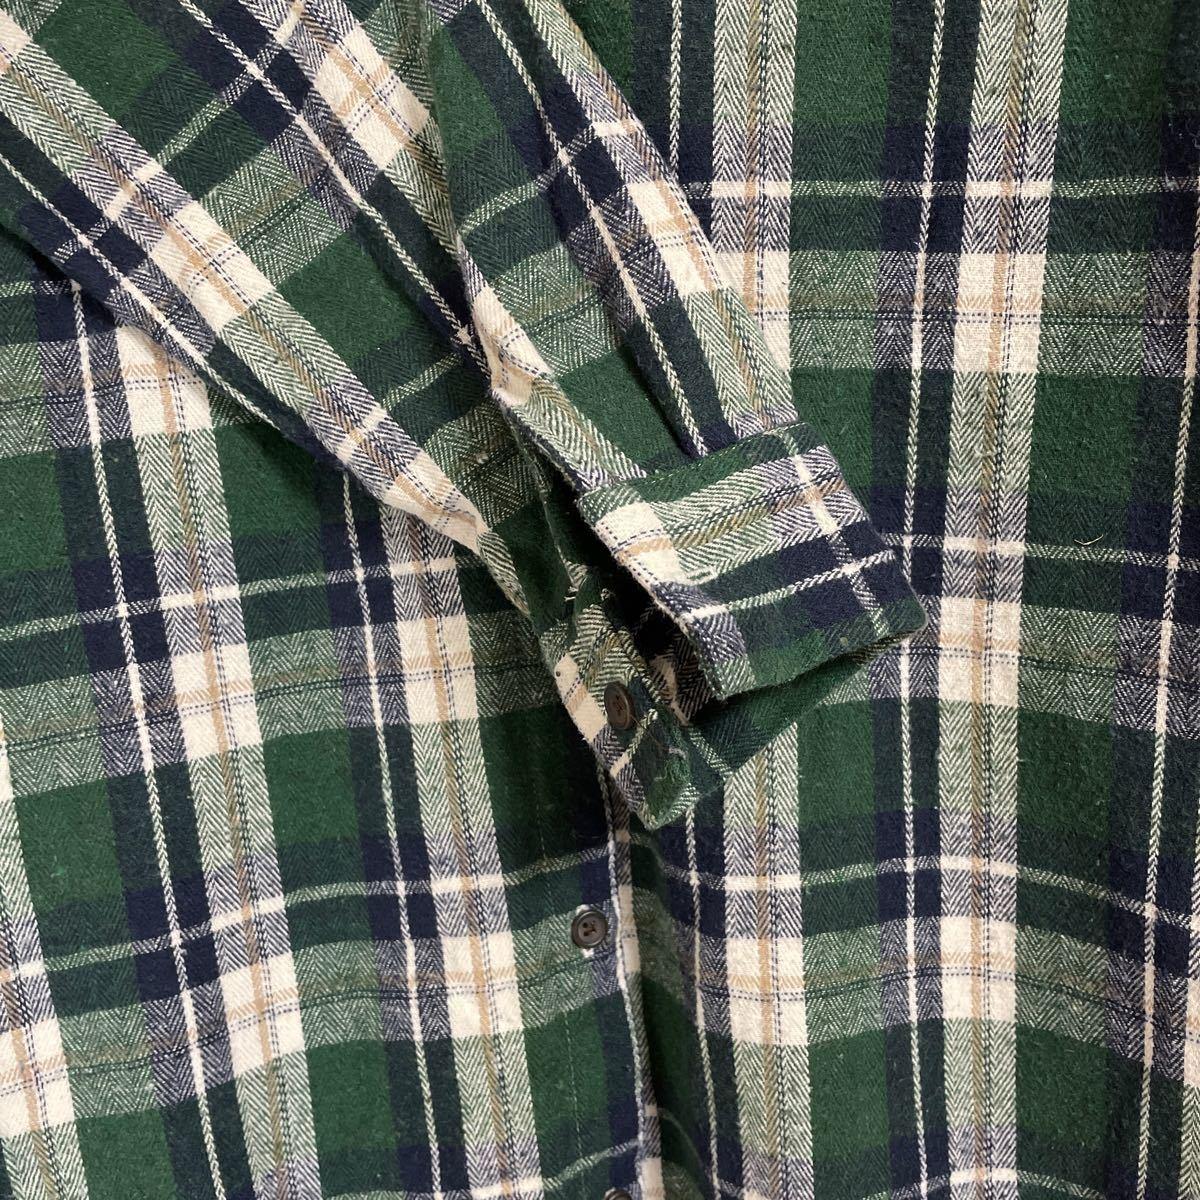 チェックシャツ チェック柄 ワンピース シャツ ショコラフィネローブ